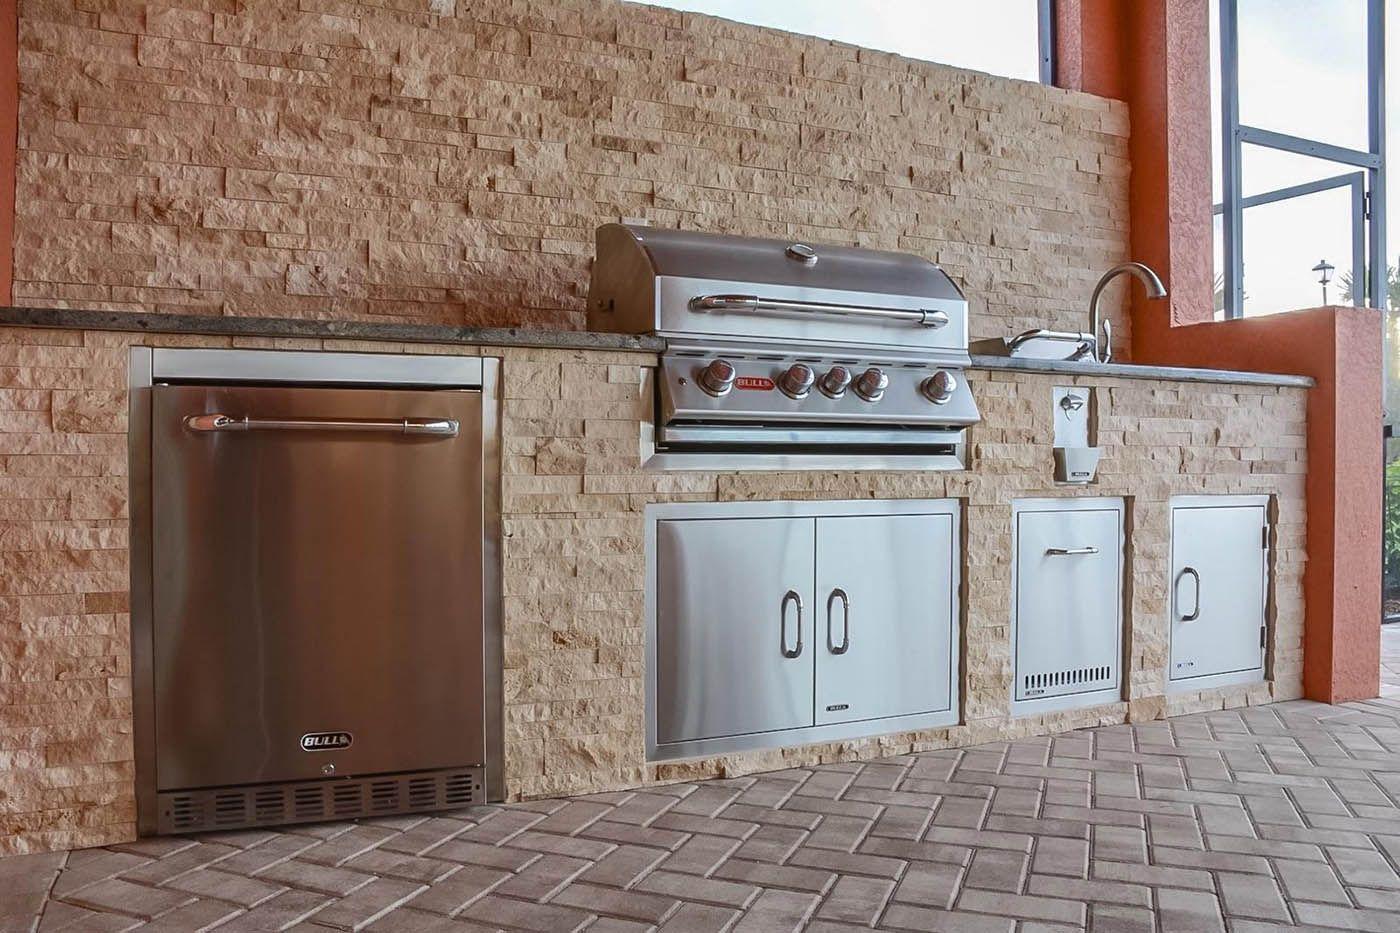 Pelican Preserve Grand Villa Barbecue Island Outdoor Kitchen Kitchen Barbecue